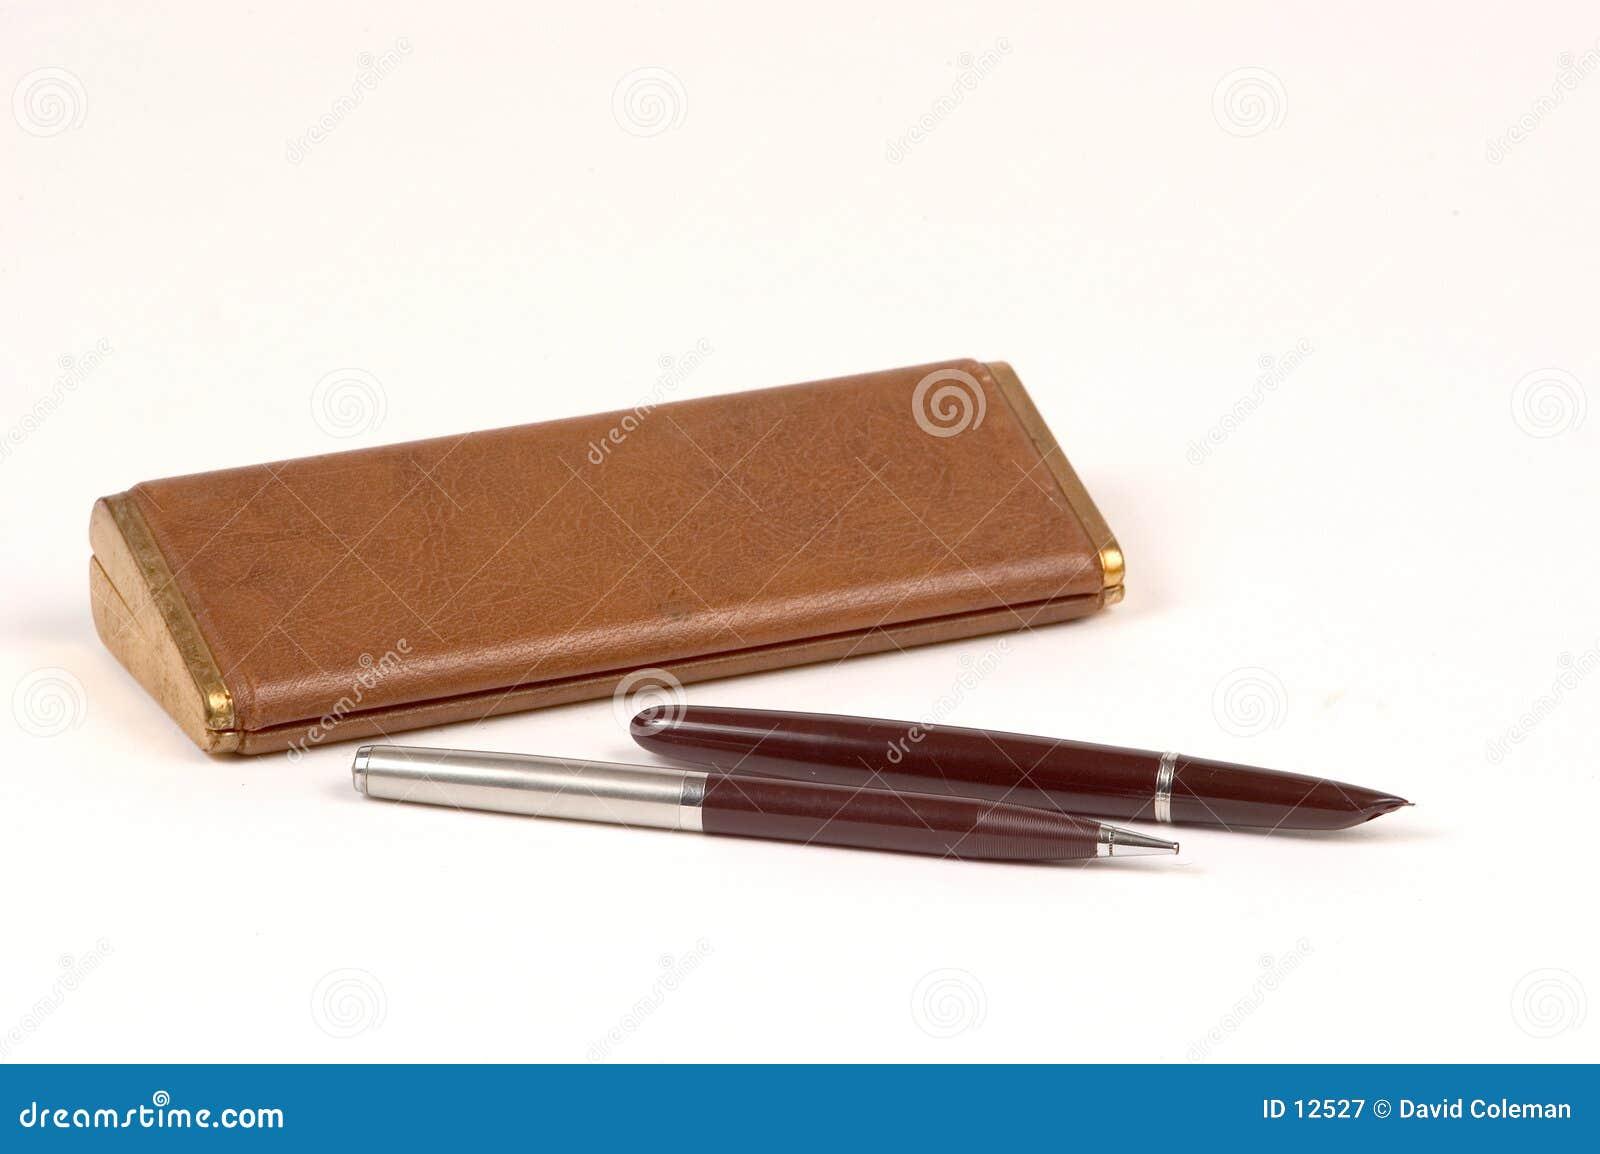 仿古笔铅笔集